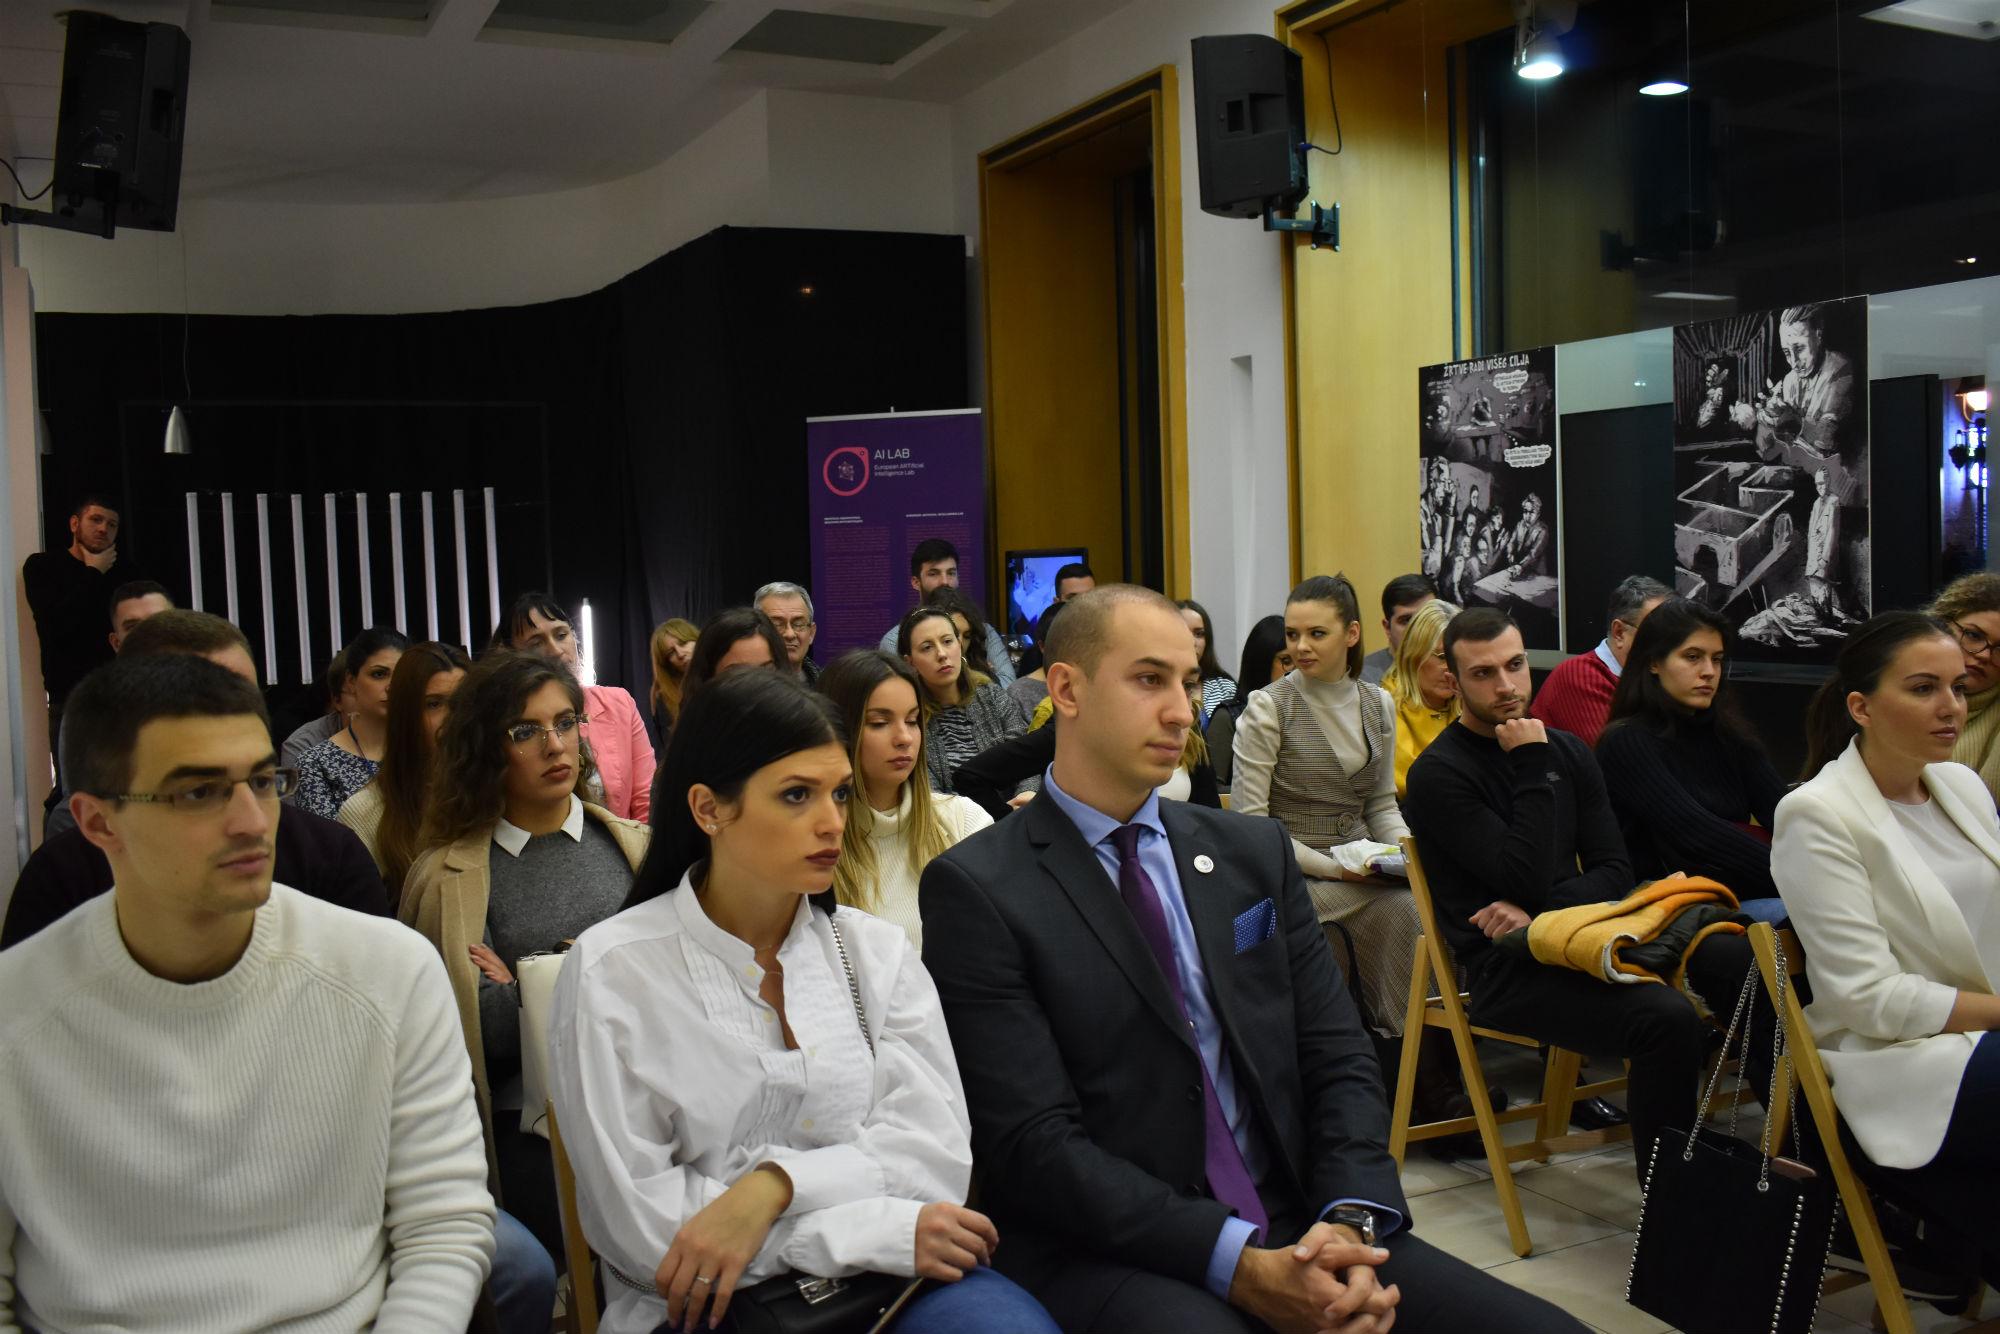 Učesnici na panelu u prostorijama Francuskog instituta (Foto: Bojan Stajić)